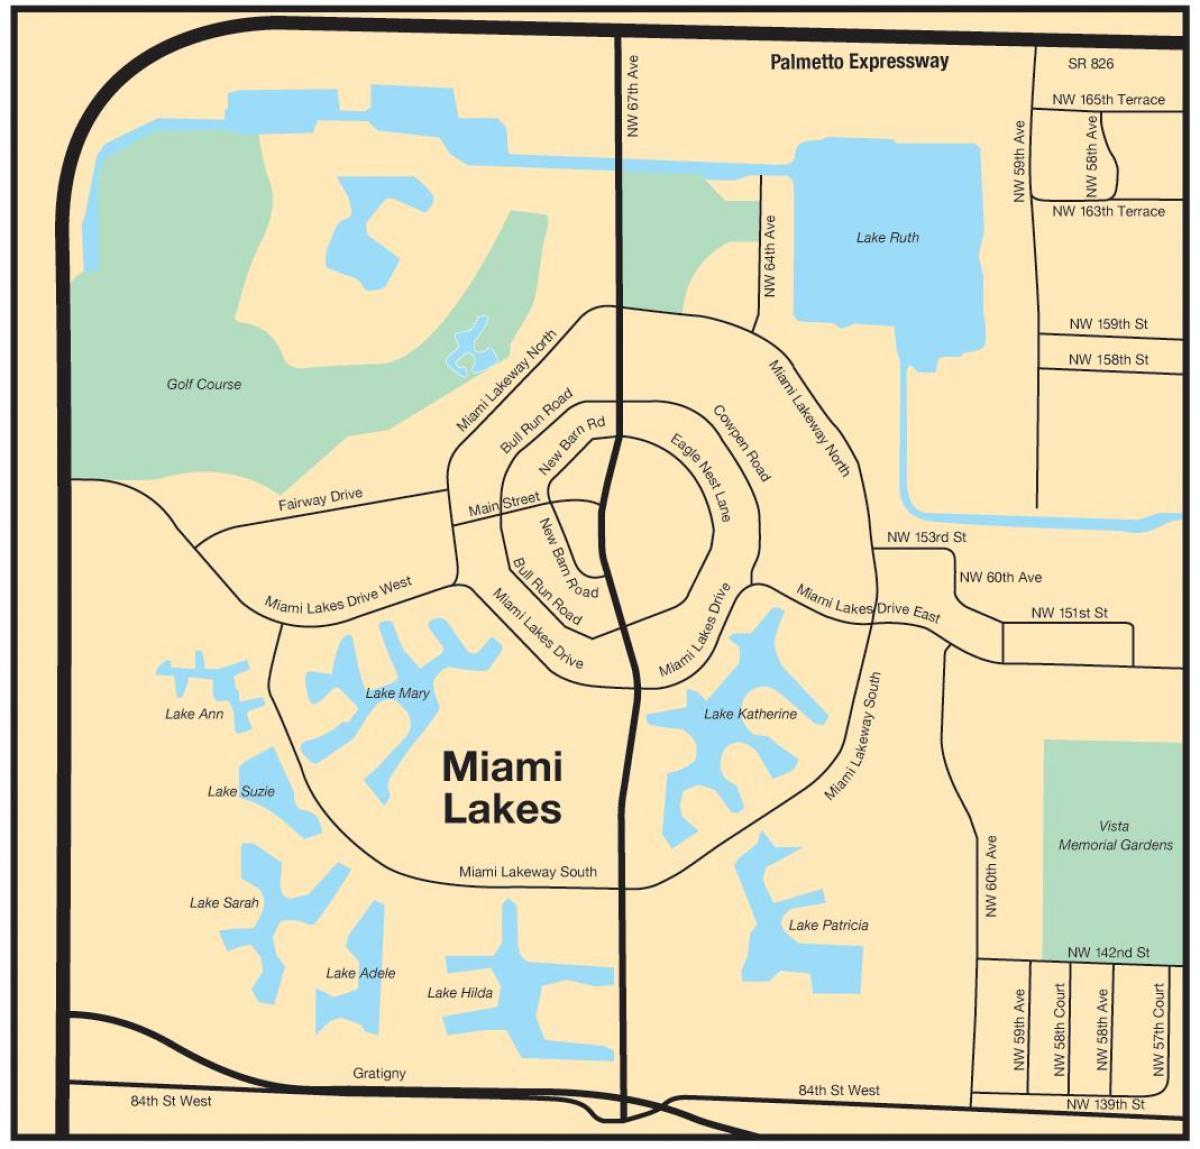 Miami Lakes Map Miami lakes map   Map of Miami lakes (Florida   USA)